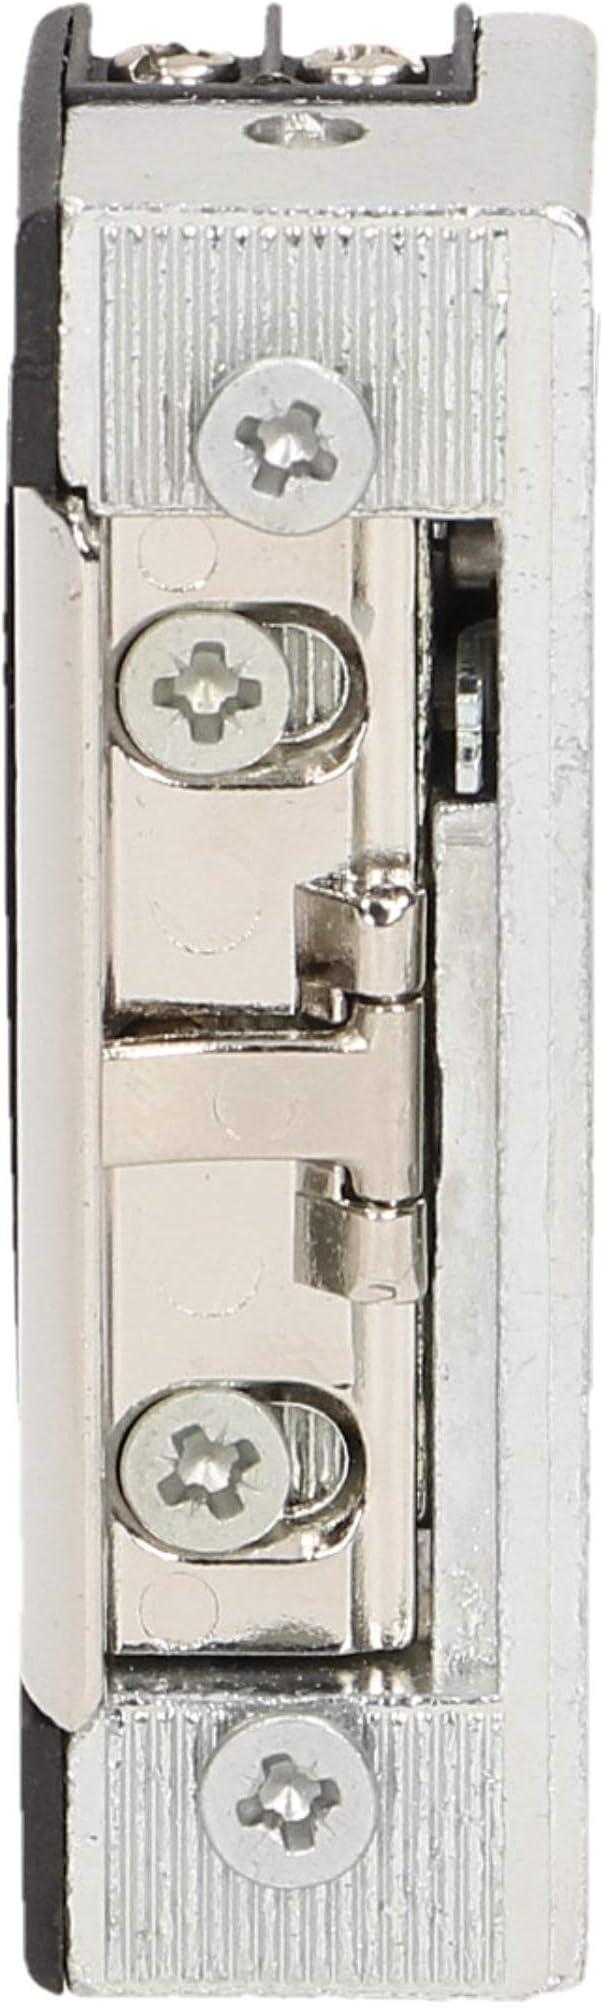 ORNO Cerradura Electrica Para Puerta Izquierda y Derecha, Ajuste De Rigidez 8-14V AC/DC (Básico): Amazon.es: Bricolaje y herramientas